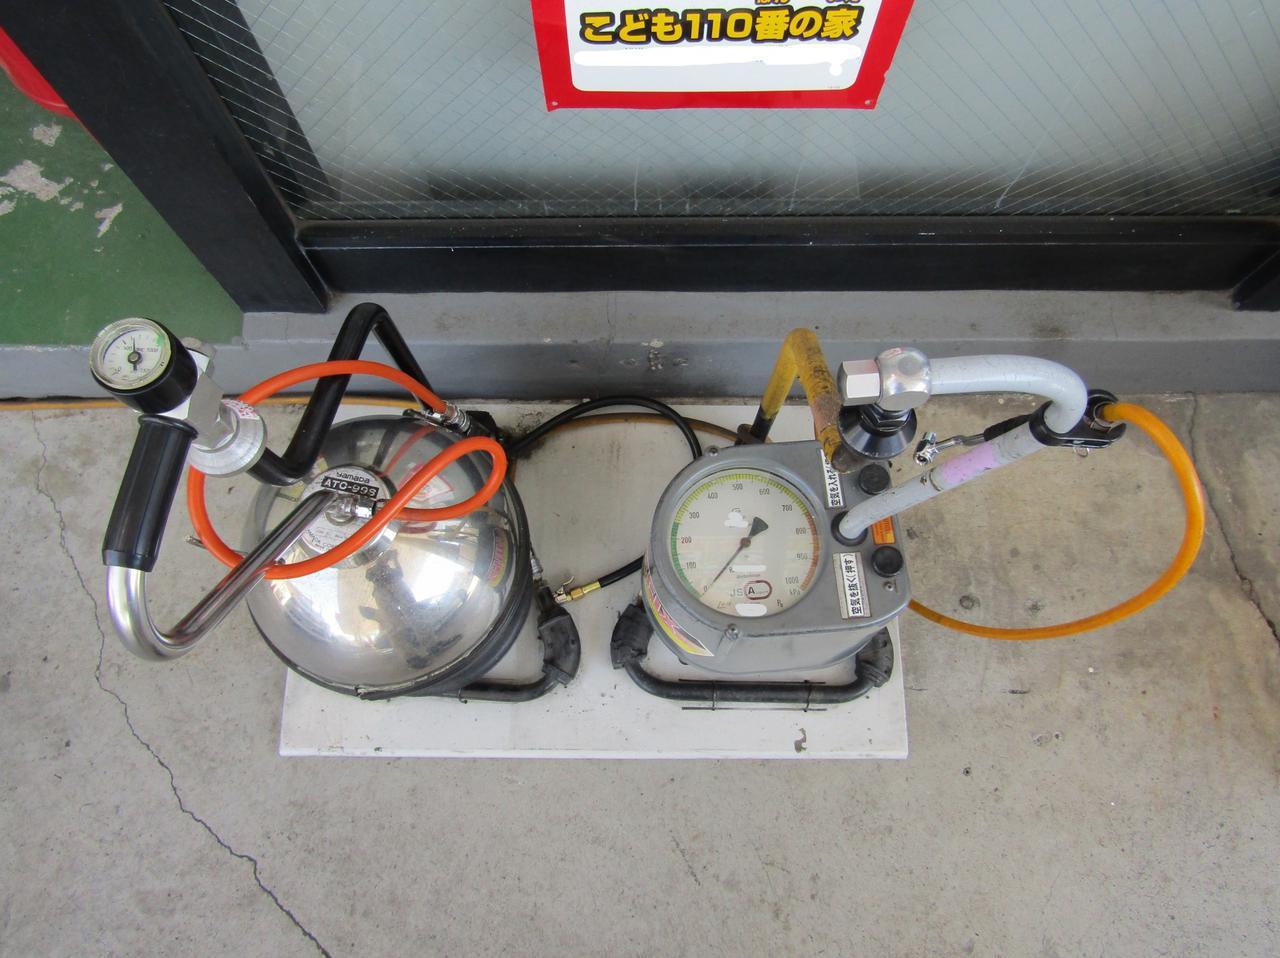 画像: セルフのガソリンスタンドにはエアタンクなどタイヤに空気を充填できる装置が備えられている。最初、スタッフに教えてもらっても充填方法を覚えておくといいだろう。